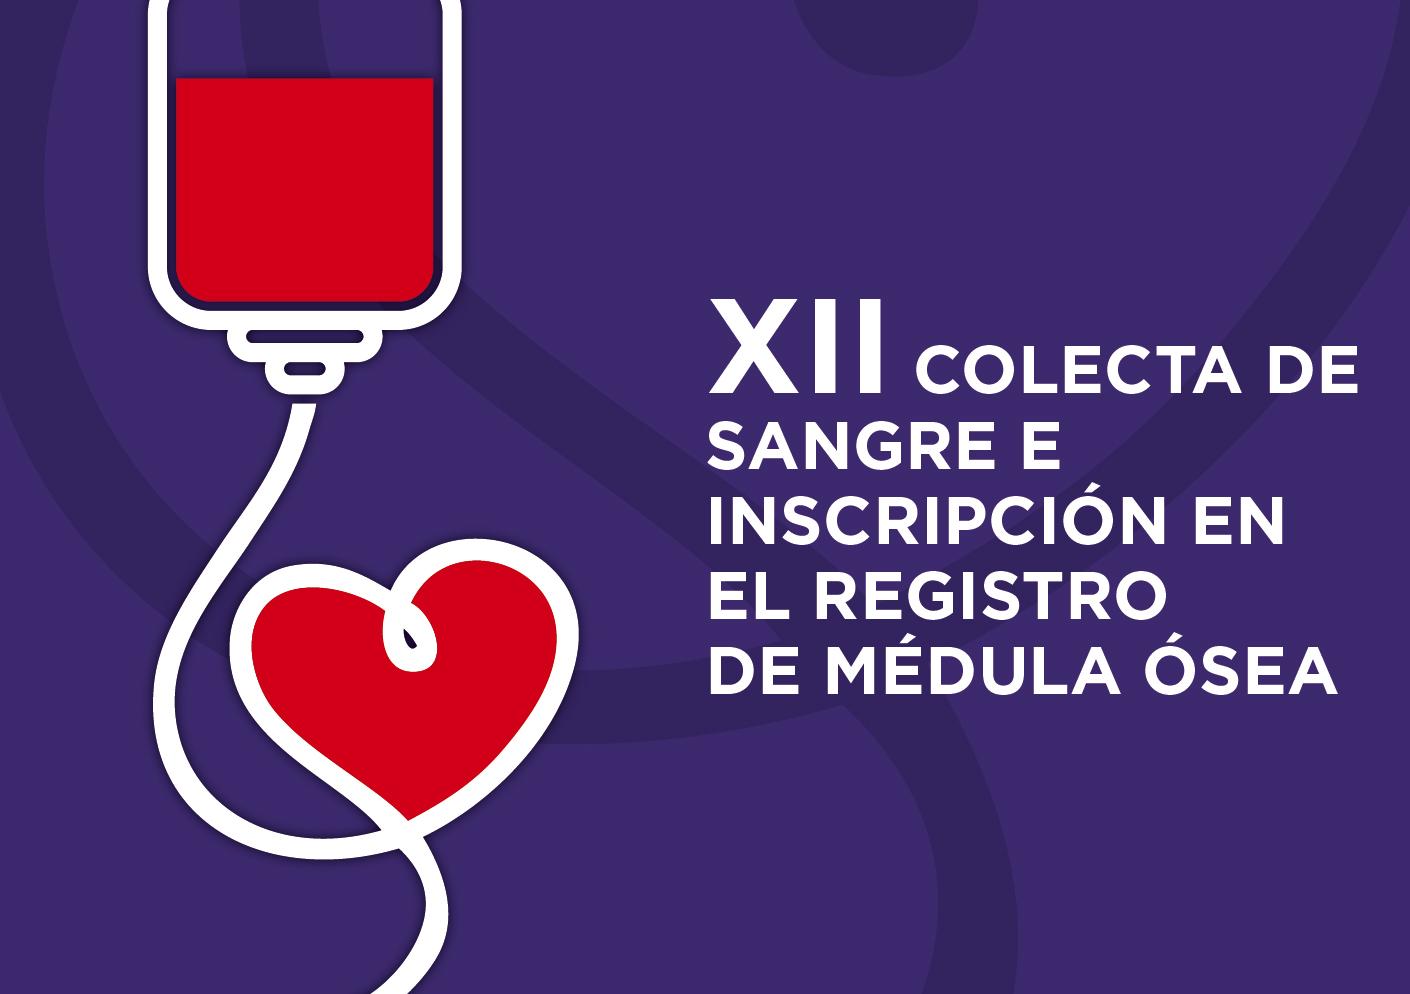 PLACA_donac_sangre-destacada